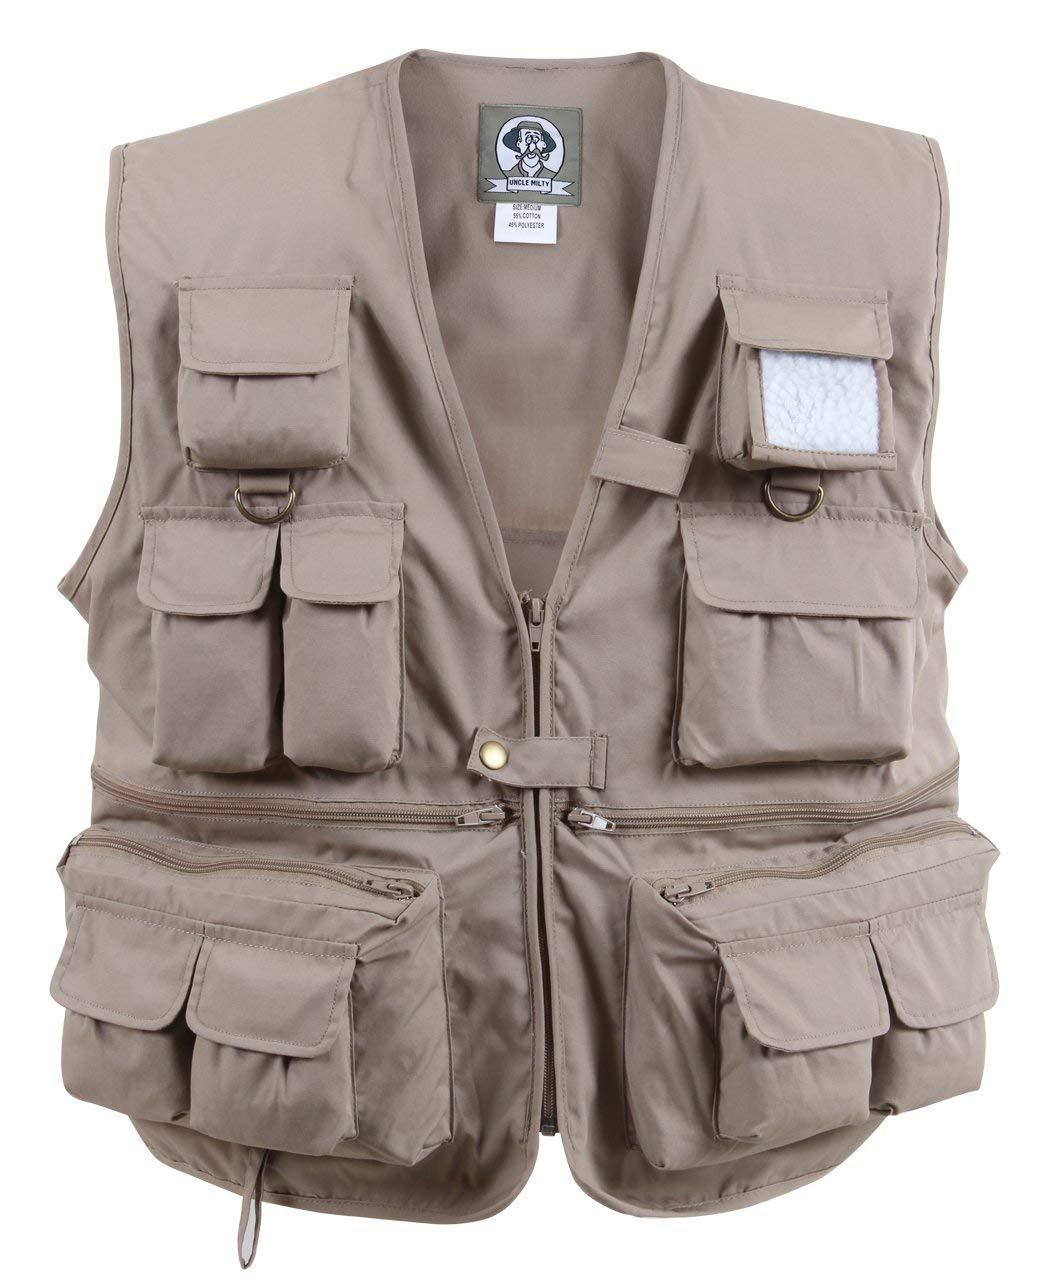 Rothco Uncle Milty Milty Vest - Khaki, Small Khaki, Small [並行輸入品] B07R3Y7356, キサカダイレクト:1b06457f --- anime-portal.club